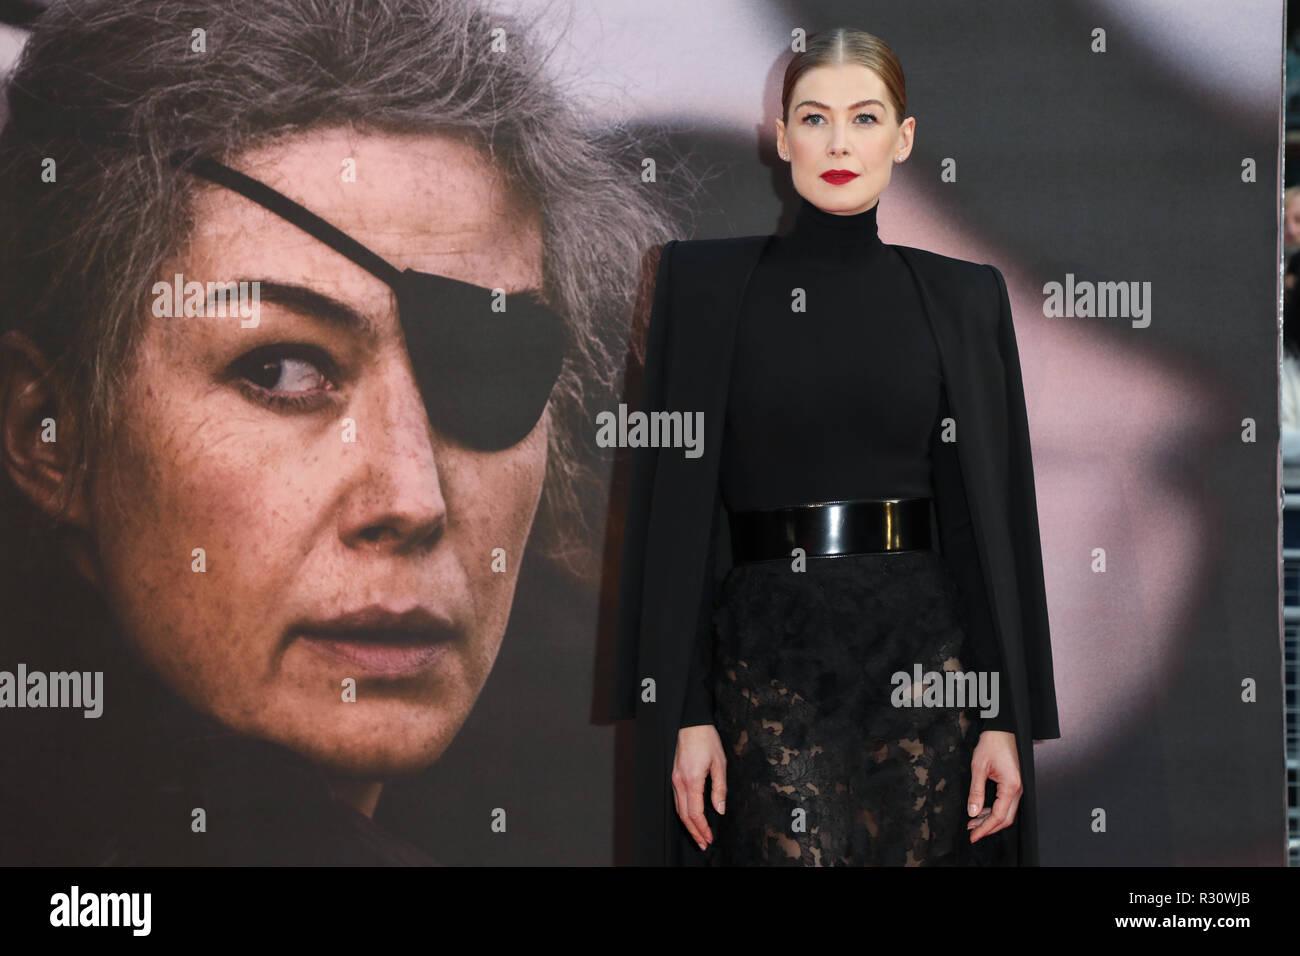 BFI London Film Festival - uma guerra particular Premiere - Arrivals Apresenta: Rosamund Pike Onde: Londres, Reino Unido Quando: 20 Out 2018 Crédito: Lia Toby/WENN.com Imagens de Stock